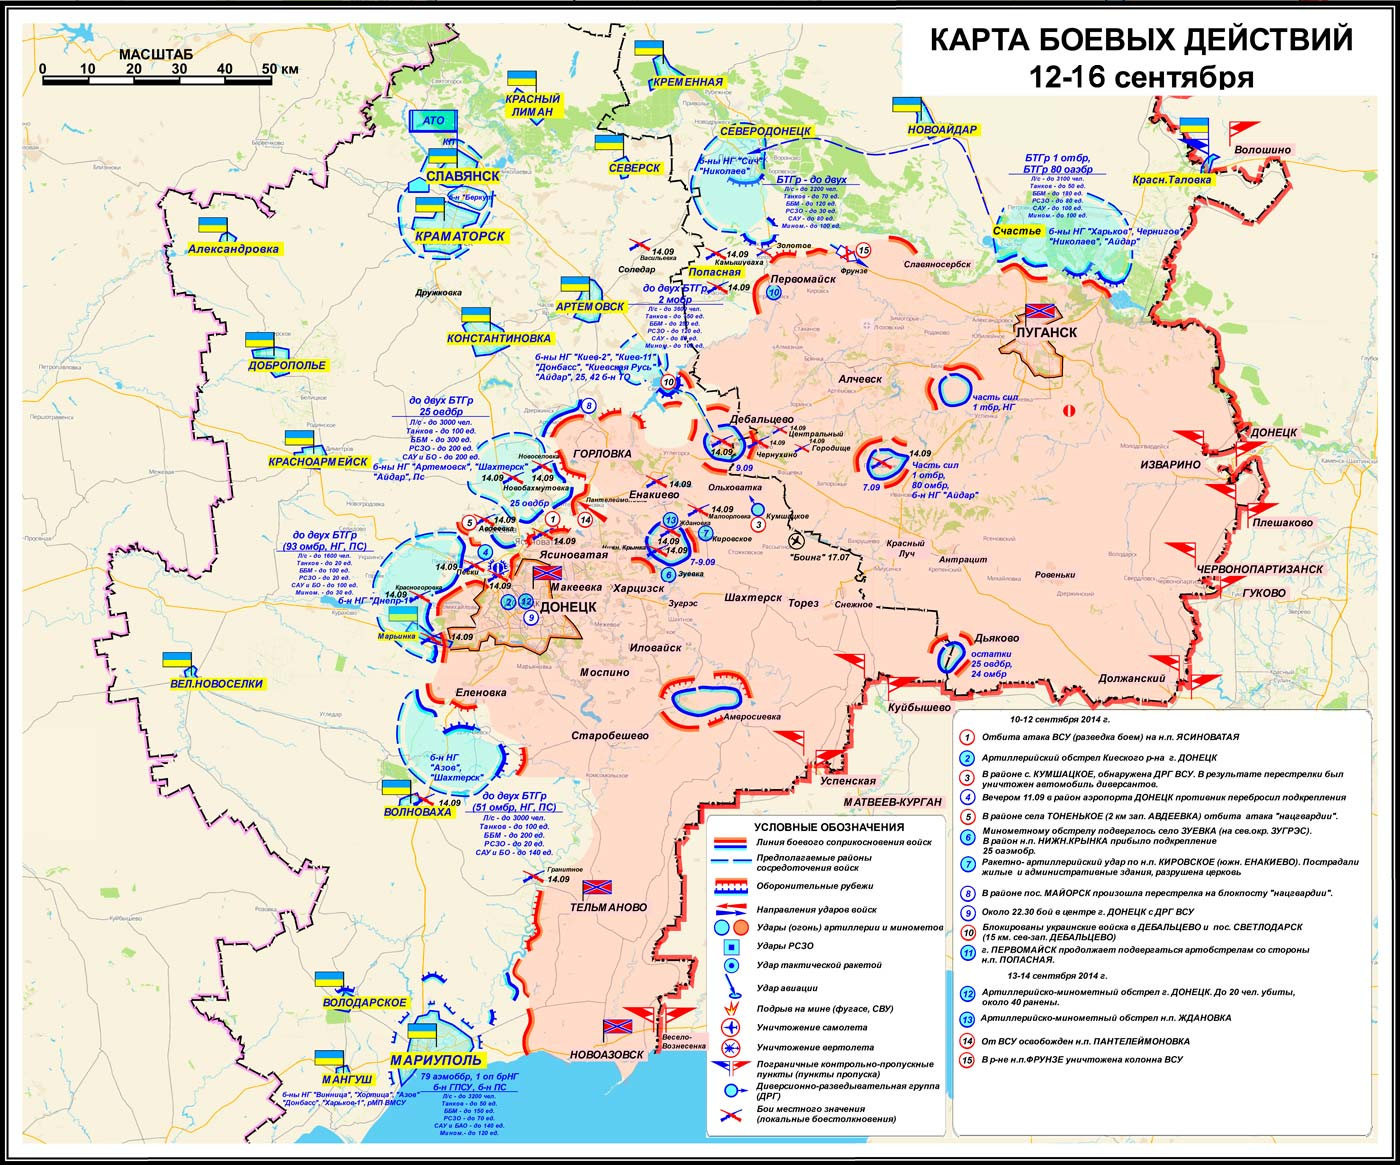 Карта боевых действий на Донбассе за 17 сентября